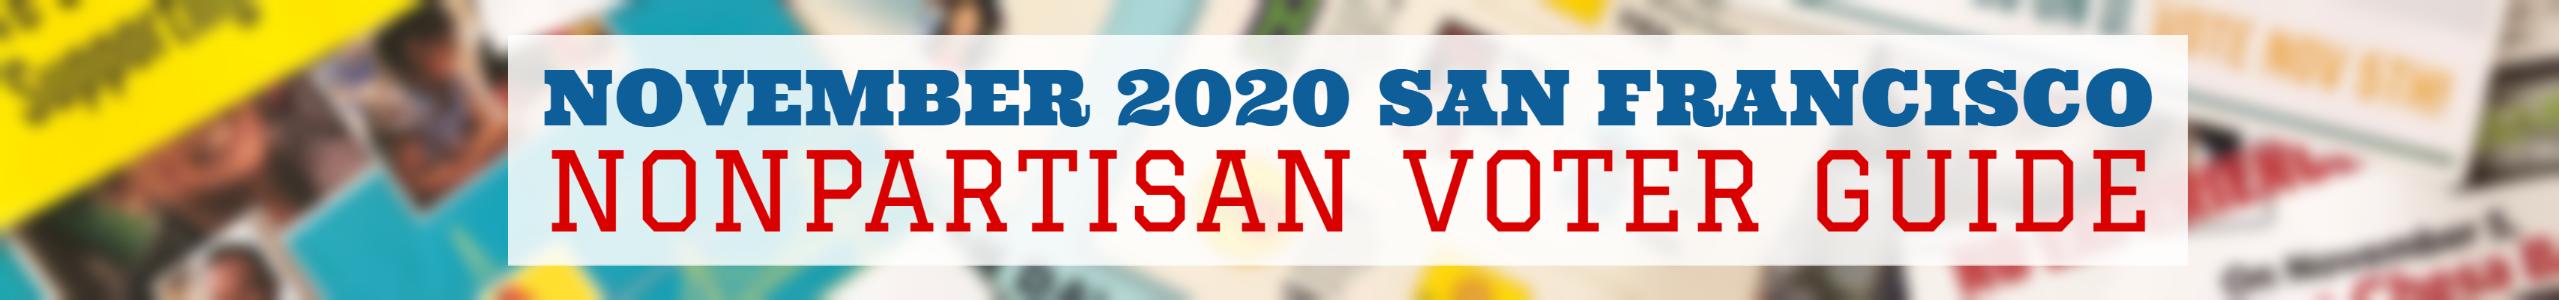 November 2020 San Francisco Nonpartisan Voter Guide